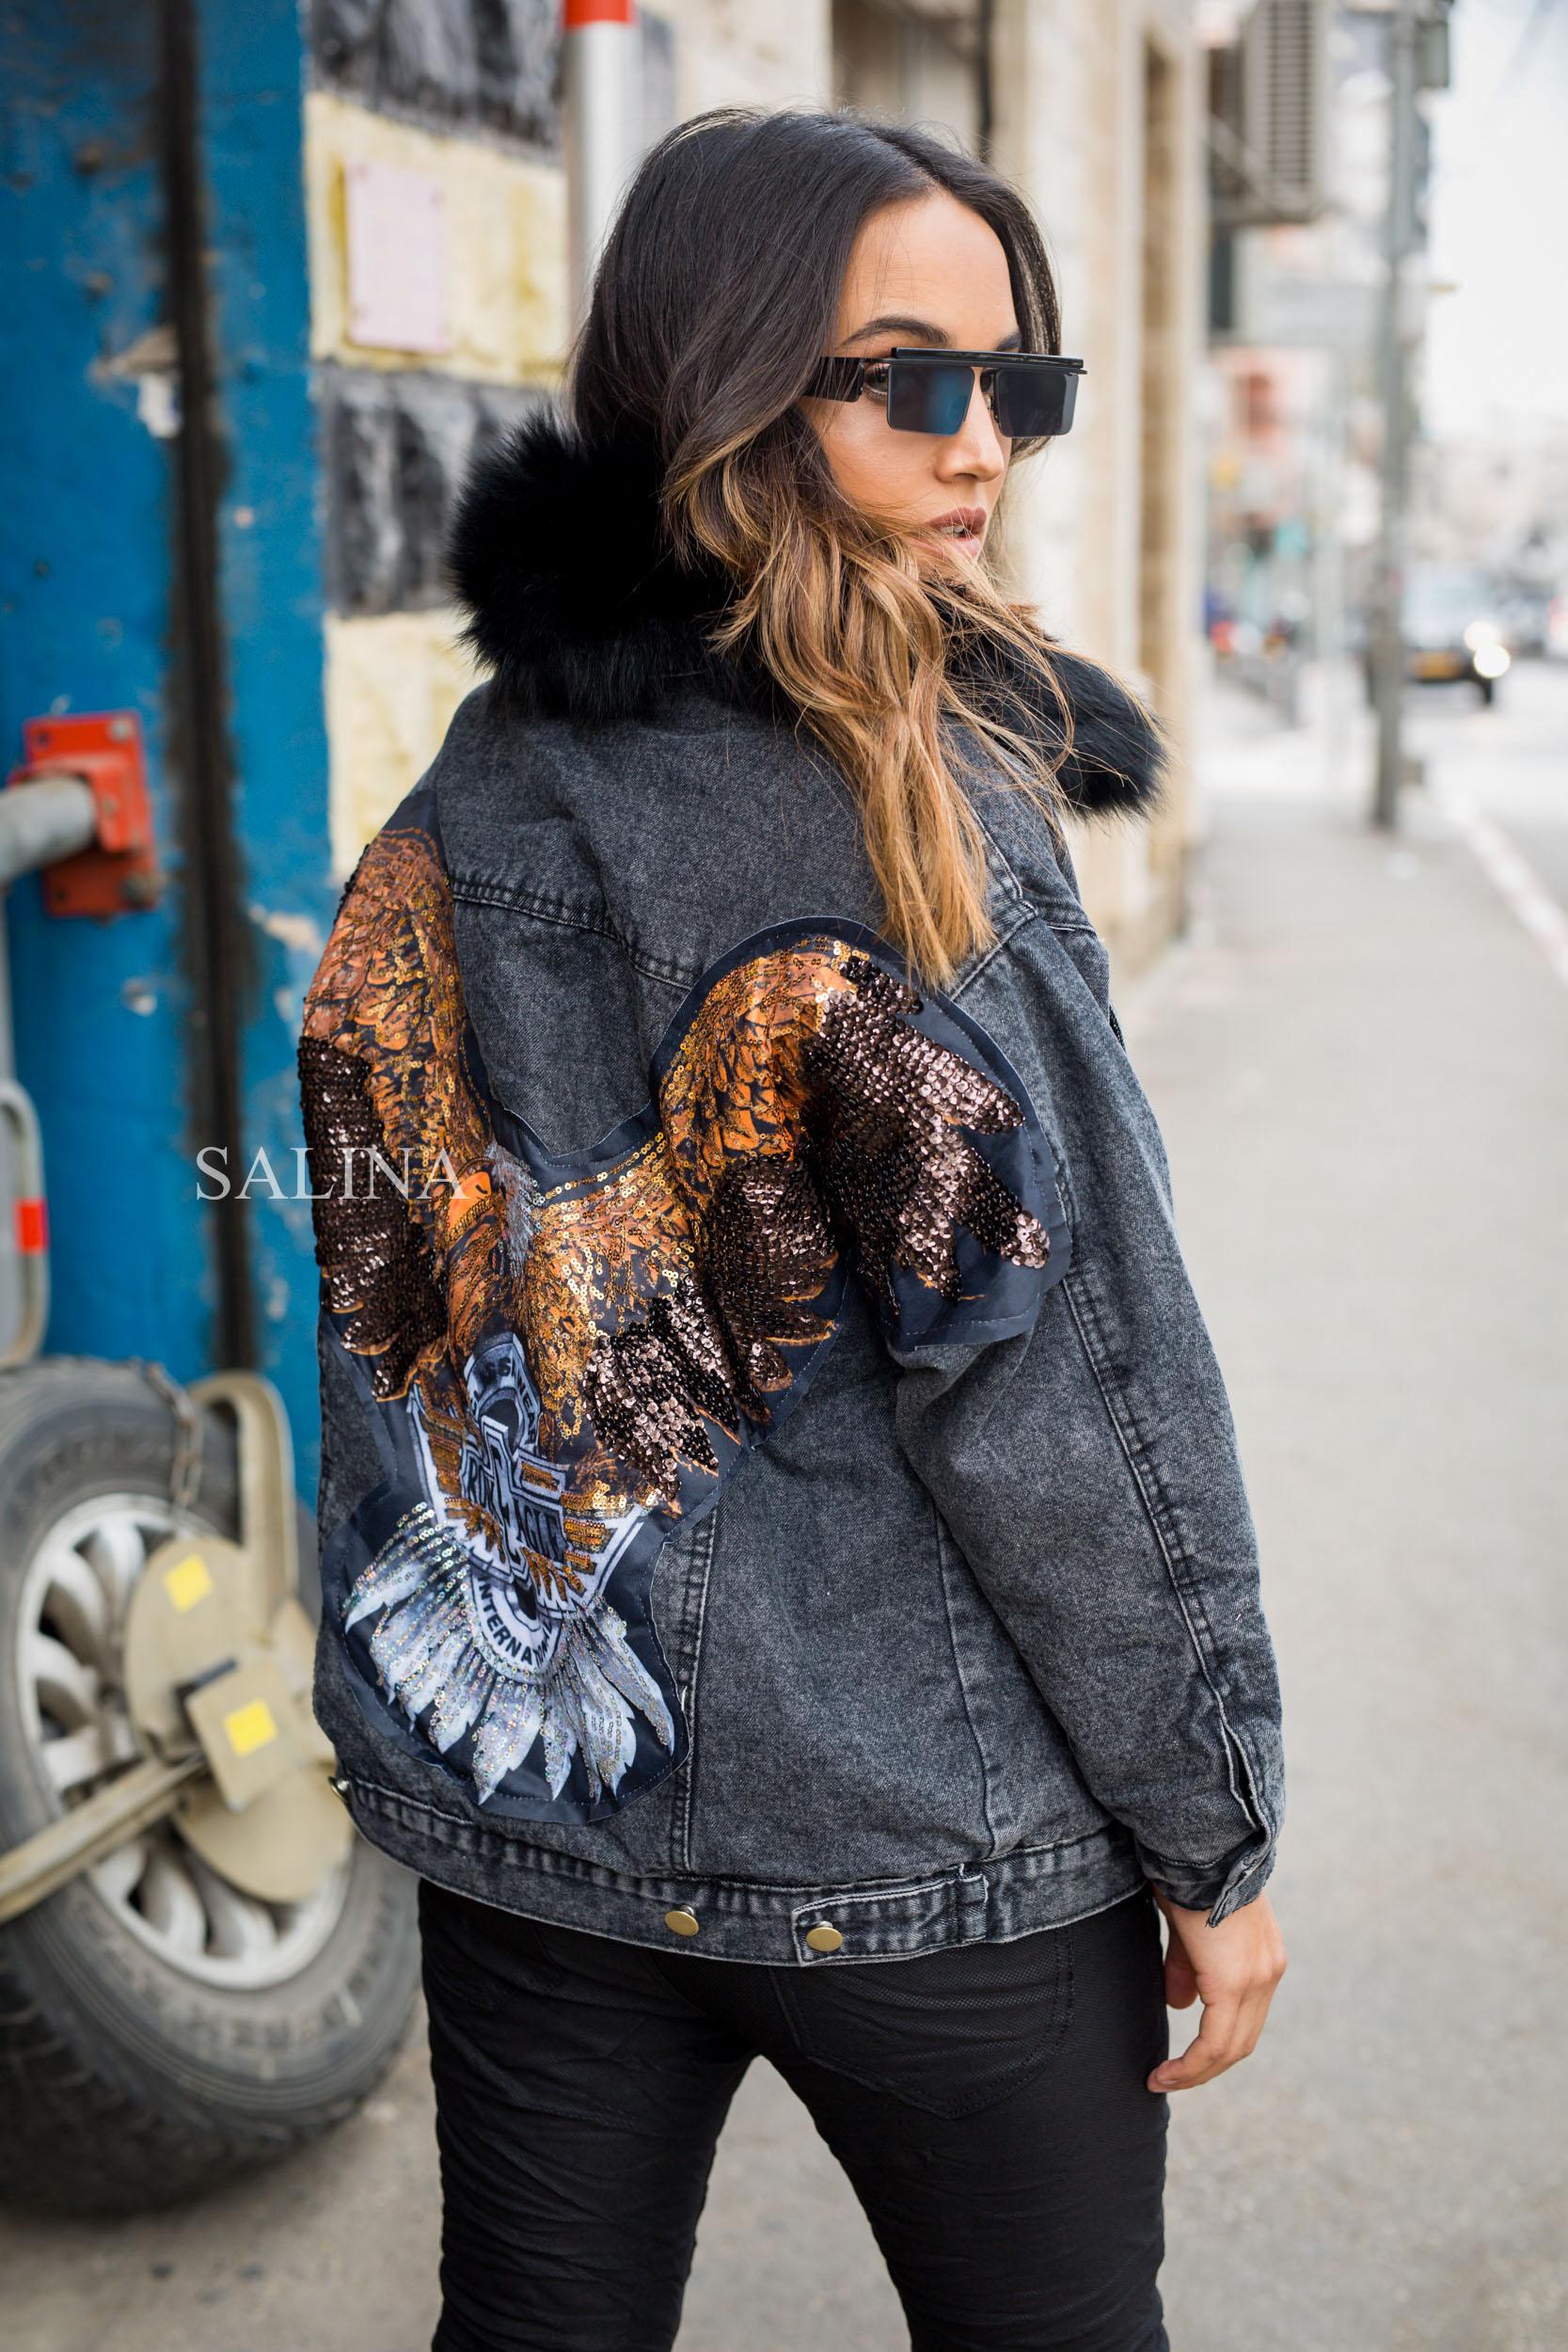 ג'קט ג'ינס שחור שילוב פרווה